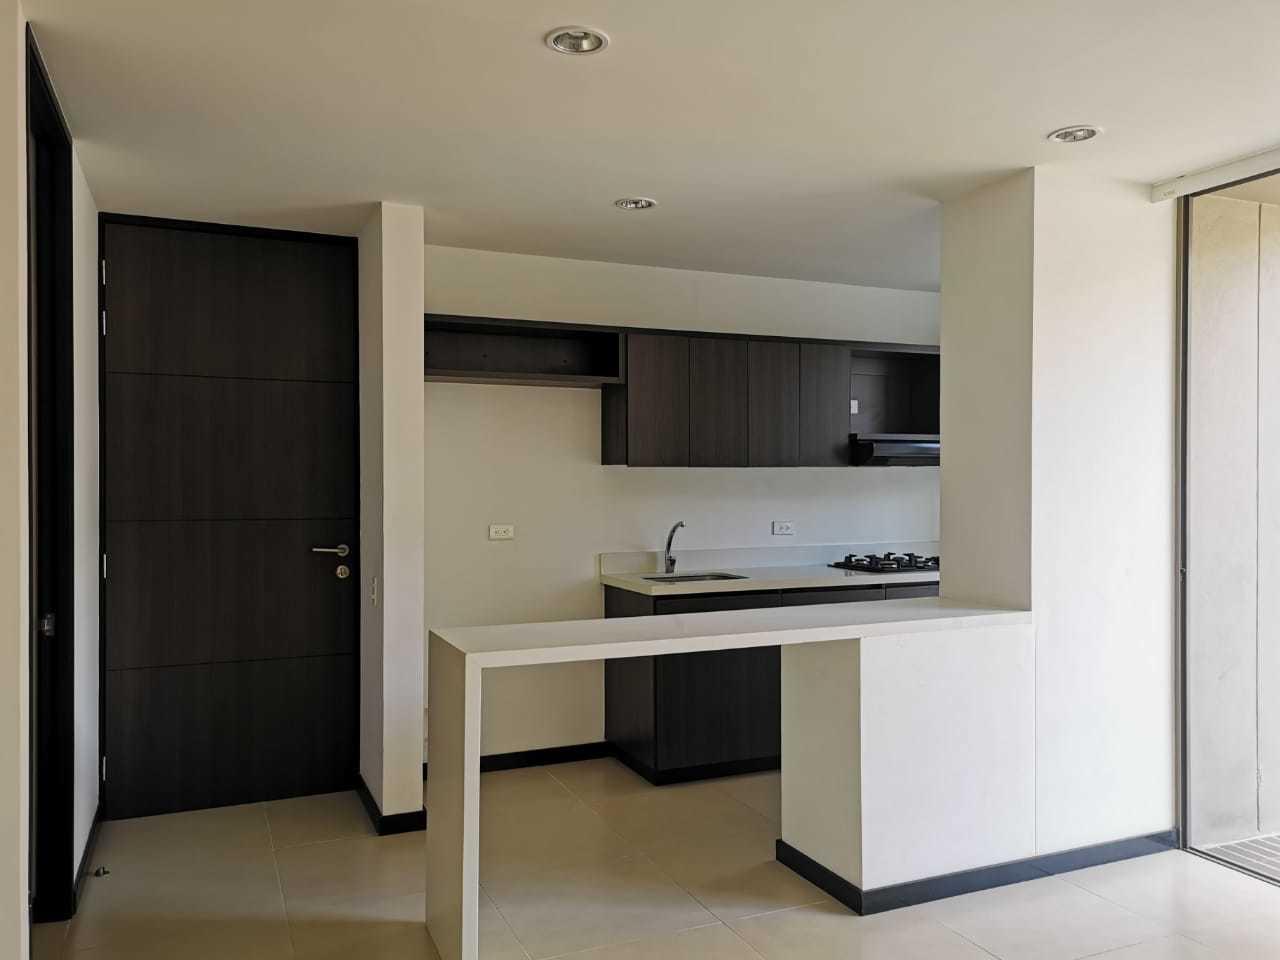 101033 - Arriendo Apartamento en el Poblado Medellin